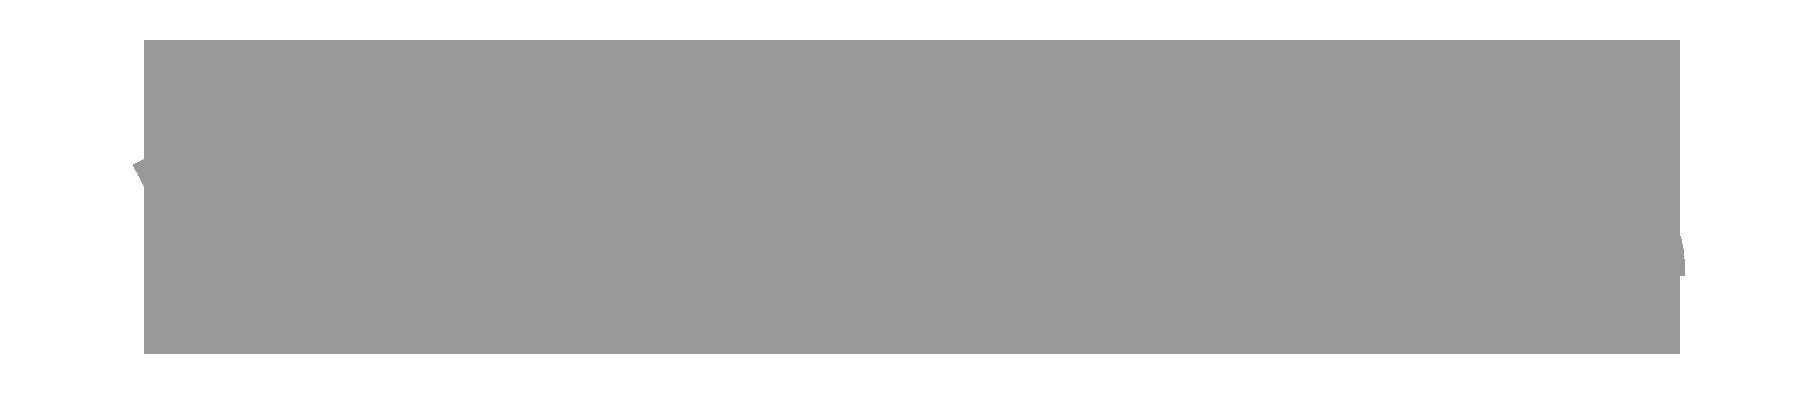 shout media client logo dufrense